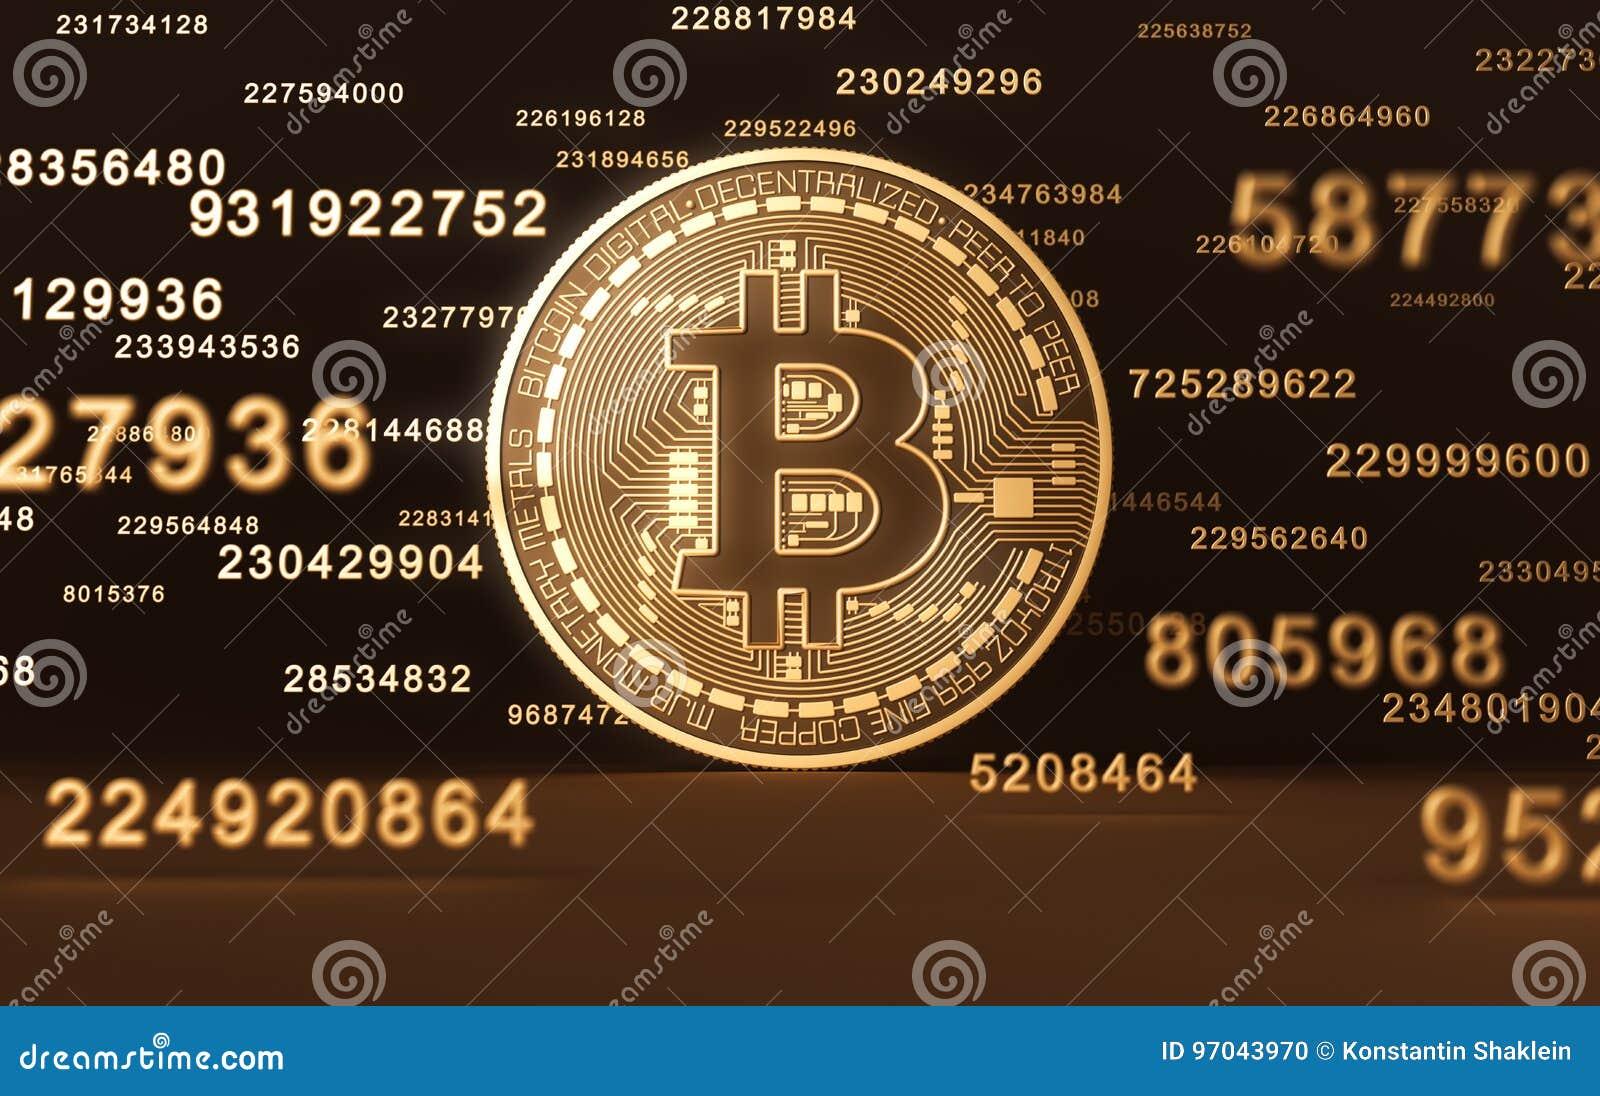 Moneta virtuale Bitcoin e cifre